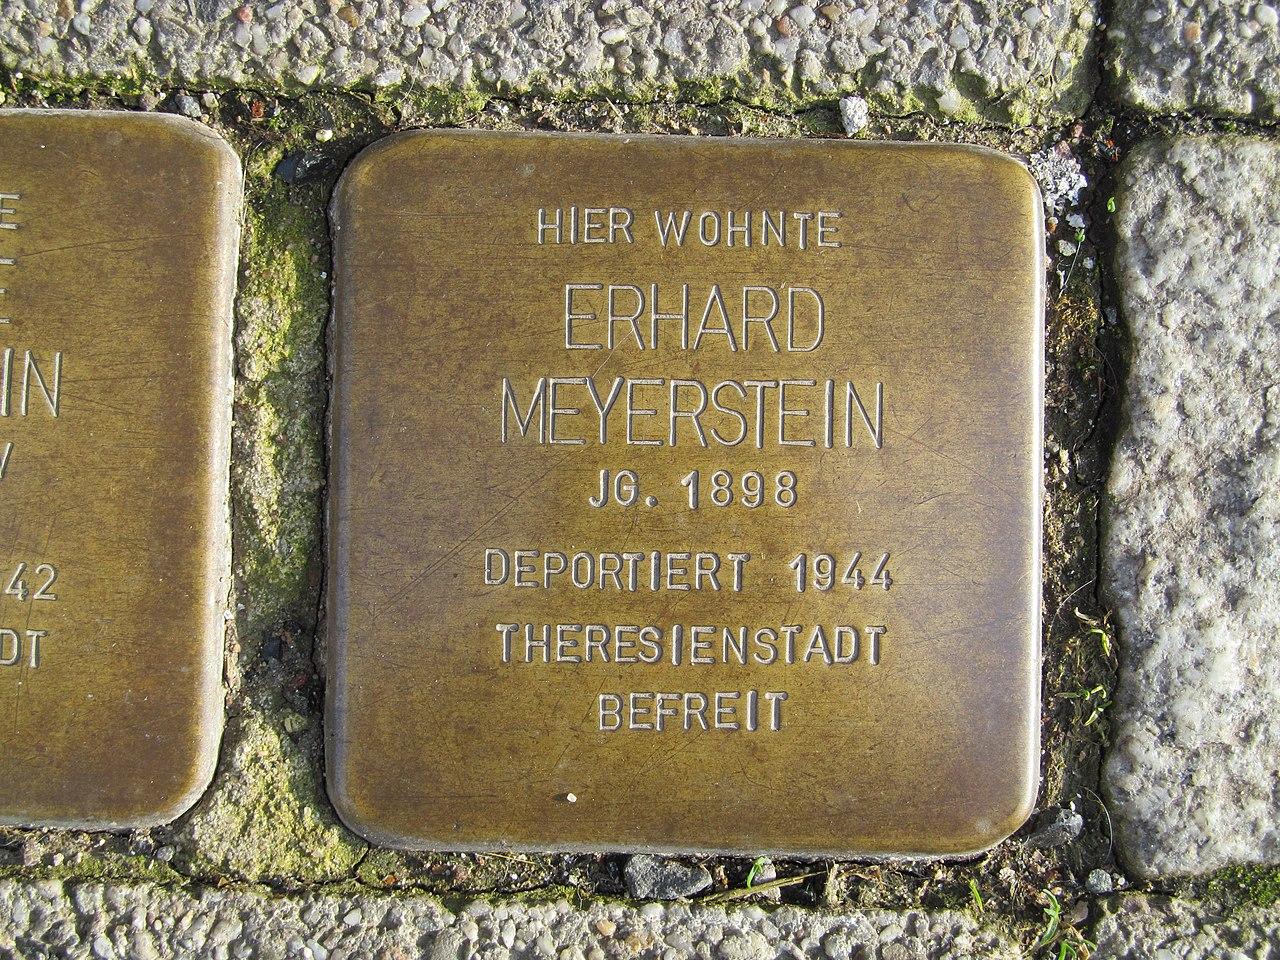 Stolperstein Erhard Meyerstein, 1, Kylische Straße 9, Sangerhausen, Landkreis Mansfeld-Südharz.jpg